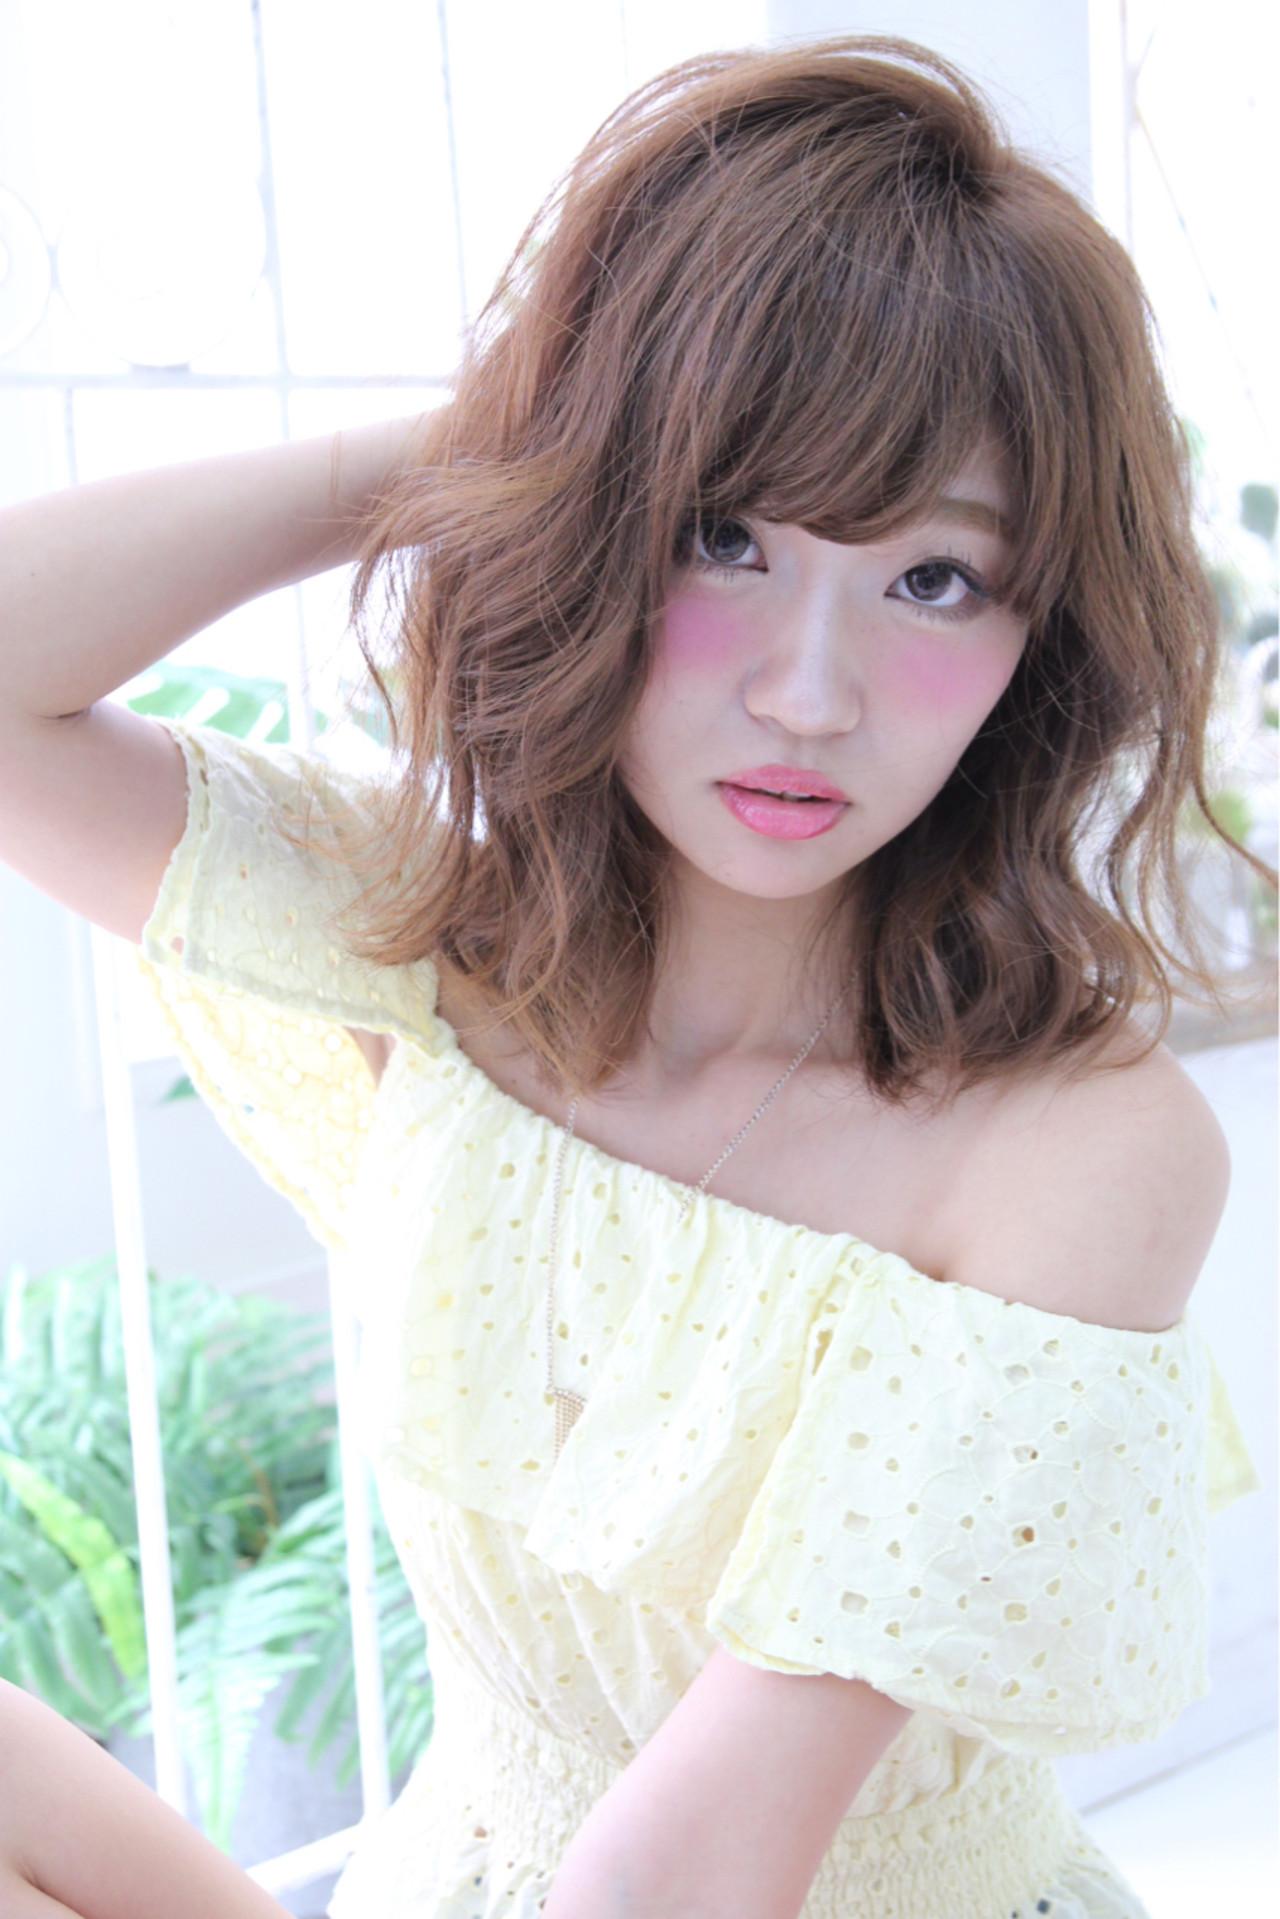 パーマ ミディアム ピュア 前髪あり ヘアスタイルや髪型の写真・画像 | 木村有佑 / felicita